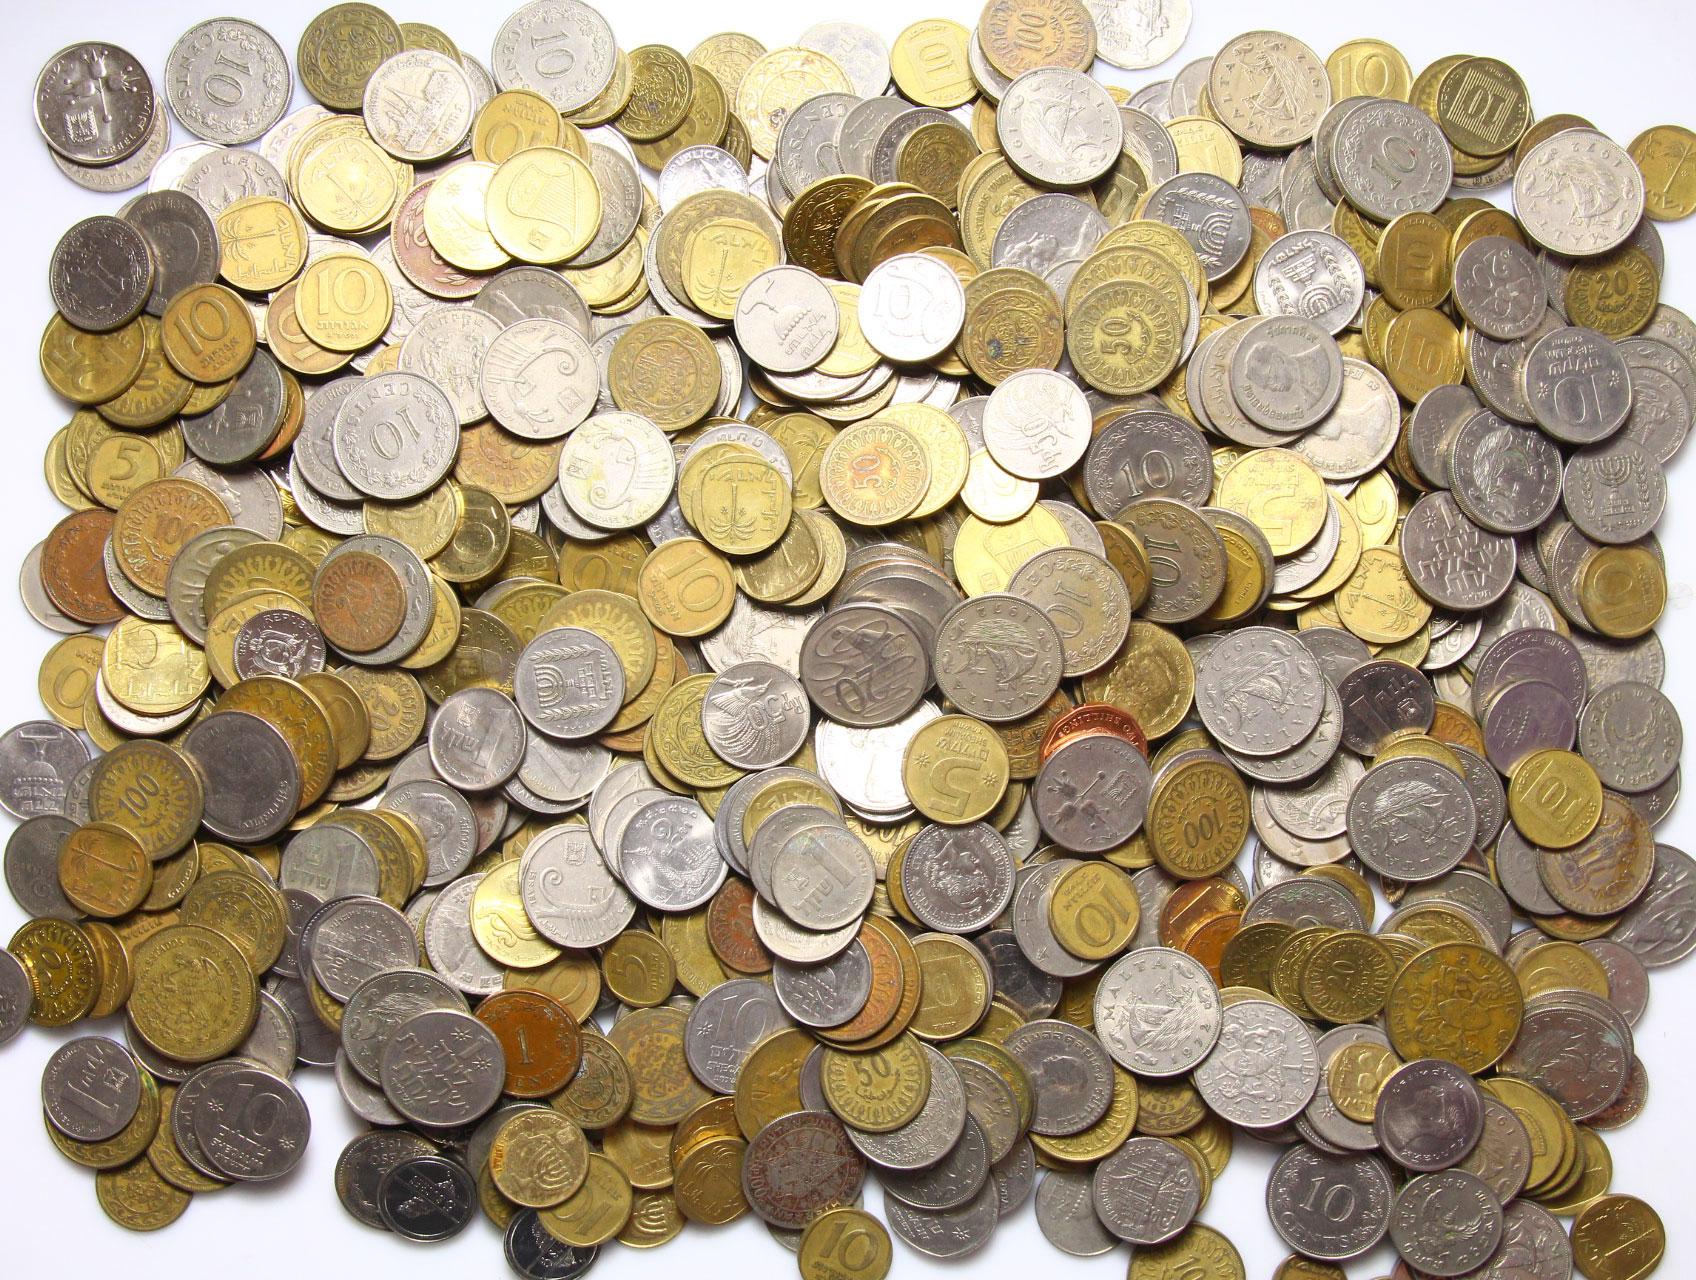 Экзотические Монеты килограммы - комплект 1 КИЛОГРАММ